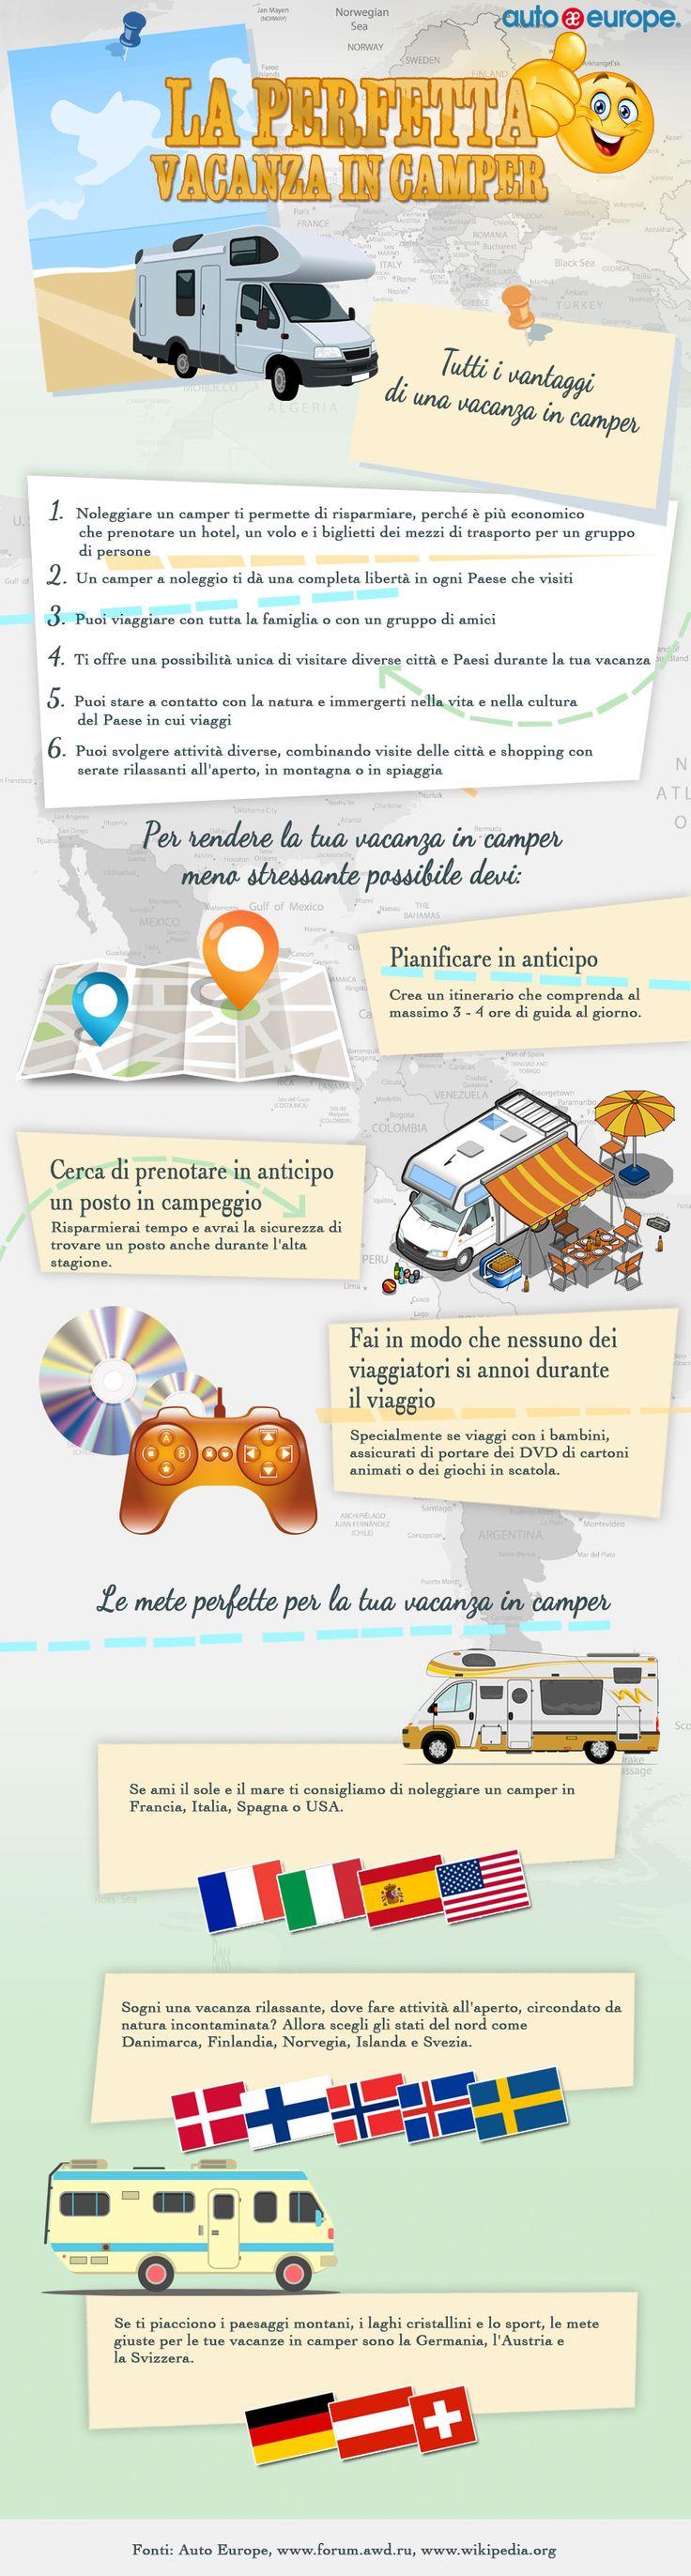 Infografica: La vacanza perfetta in camper - Consulta qui le altre infografiche di Auto Europe: http://www.autoeurope.it/go/infografiche/